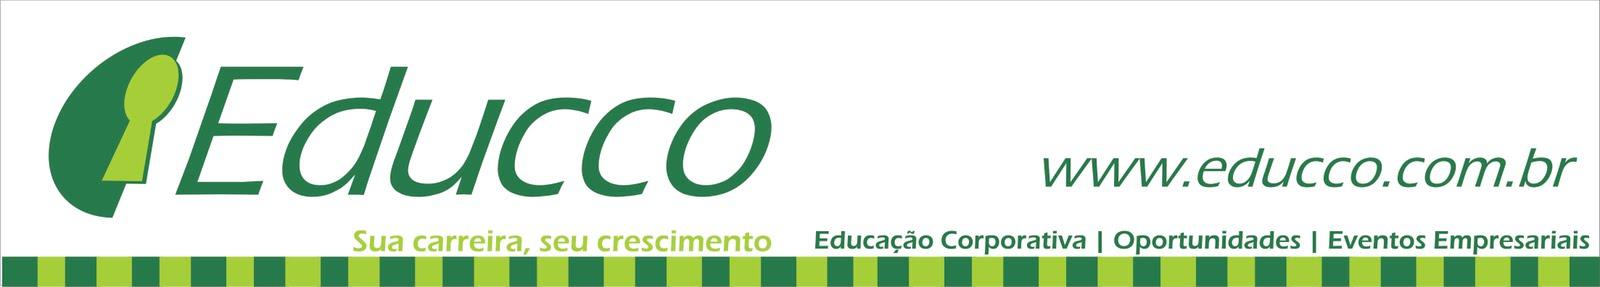 EDUCCO - Educação Corporativa, Oportunidades Eventos Empresariais